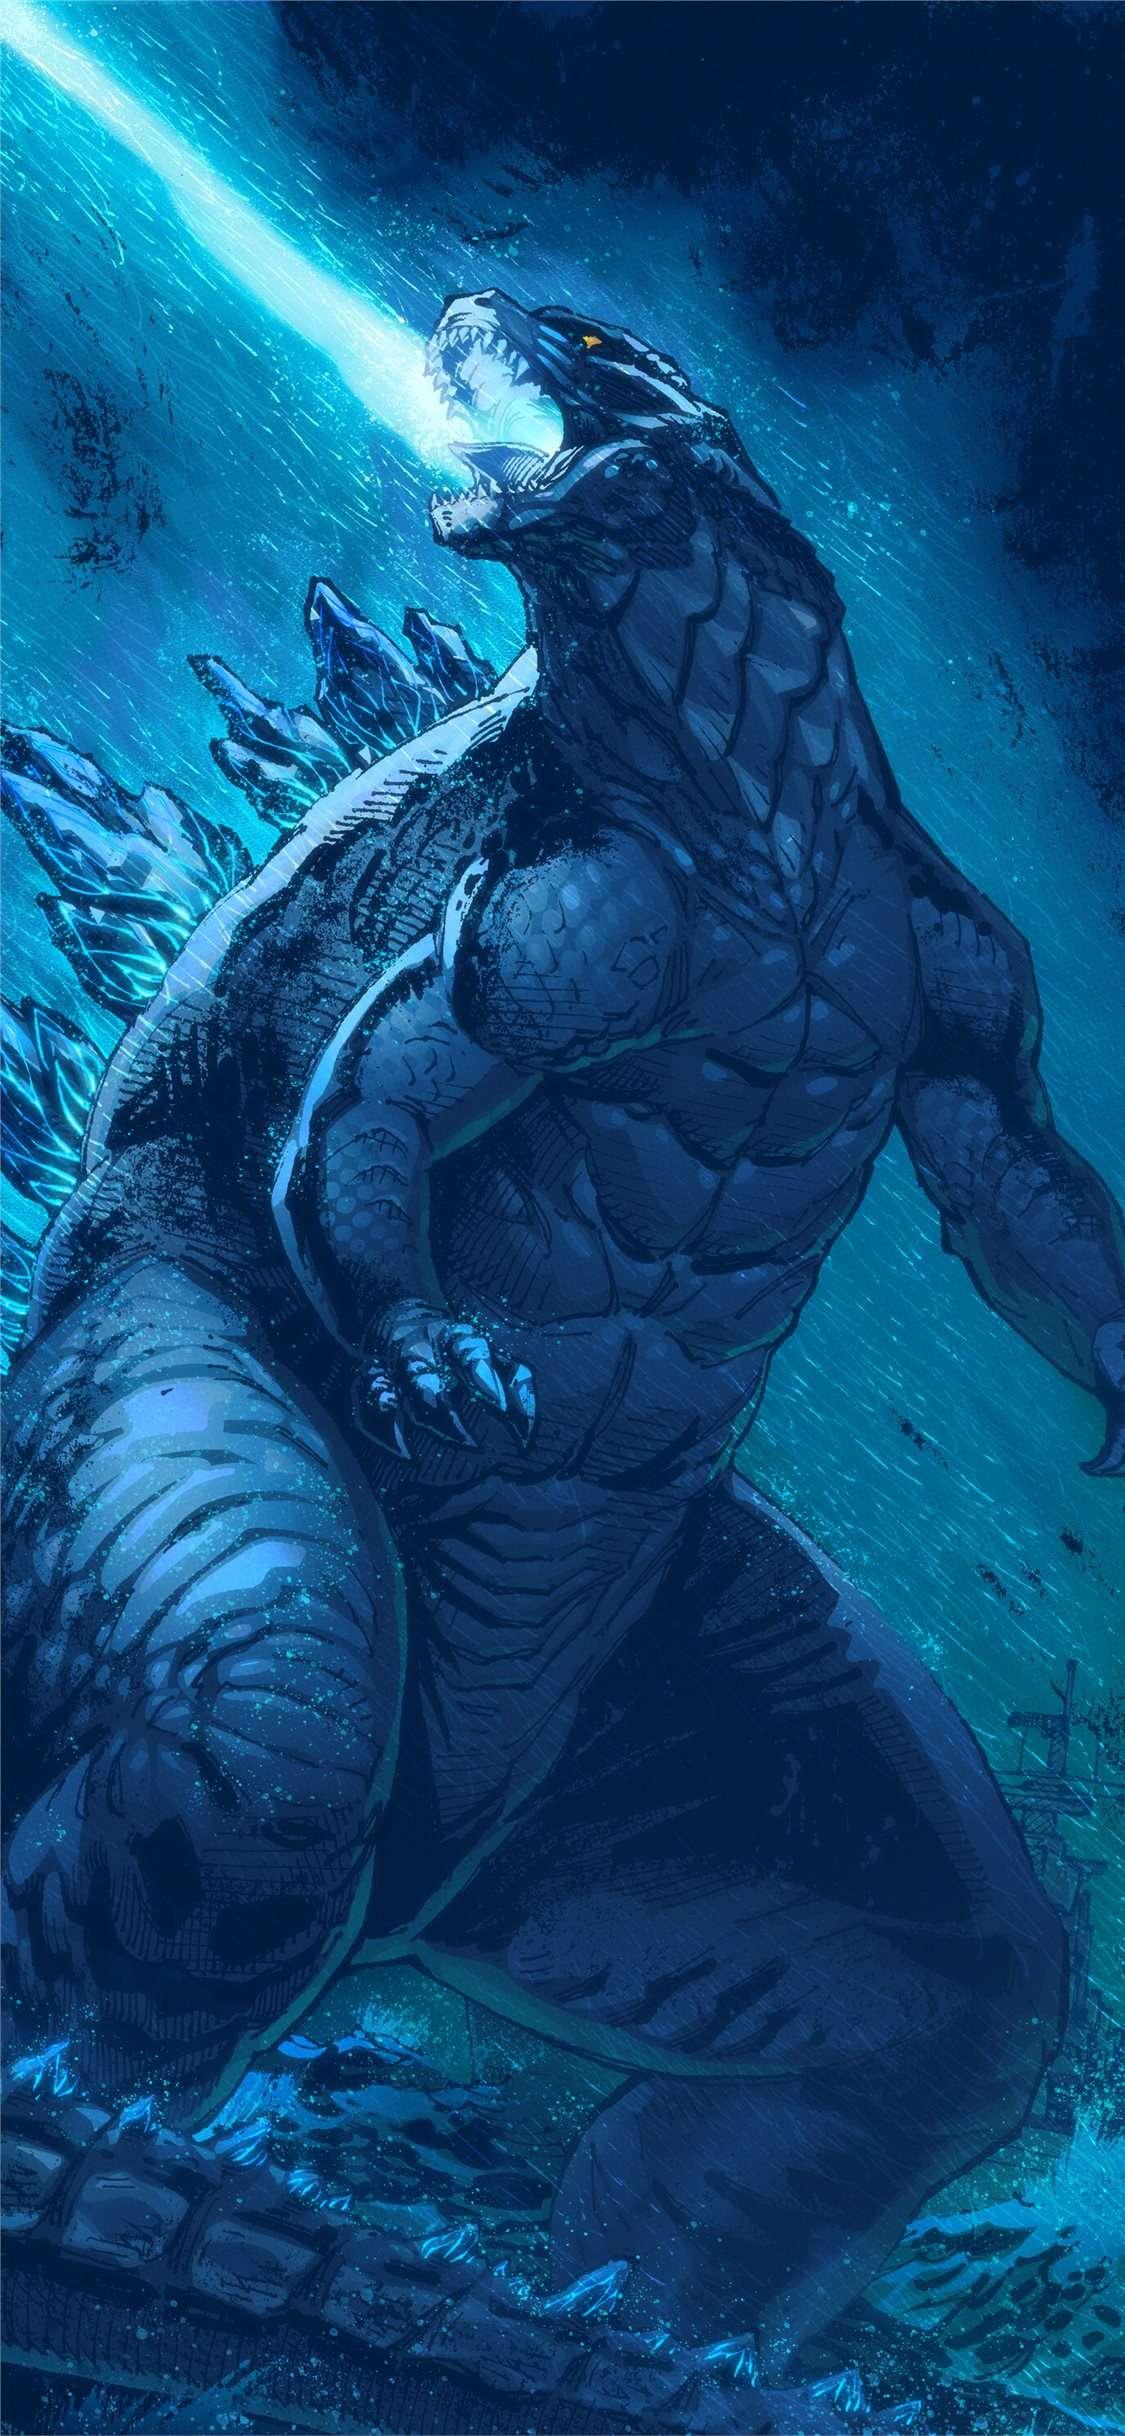 Wallpaper Godzilla 1125x2436